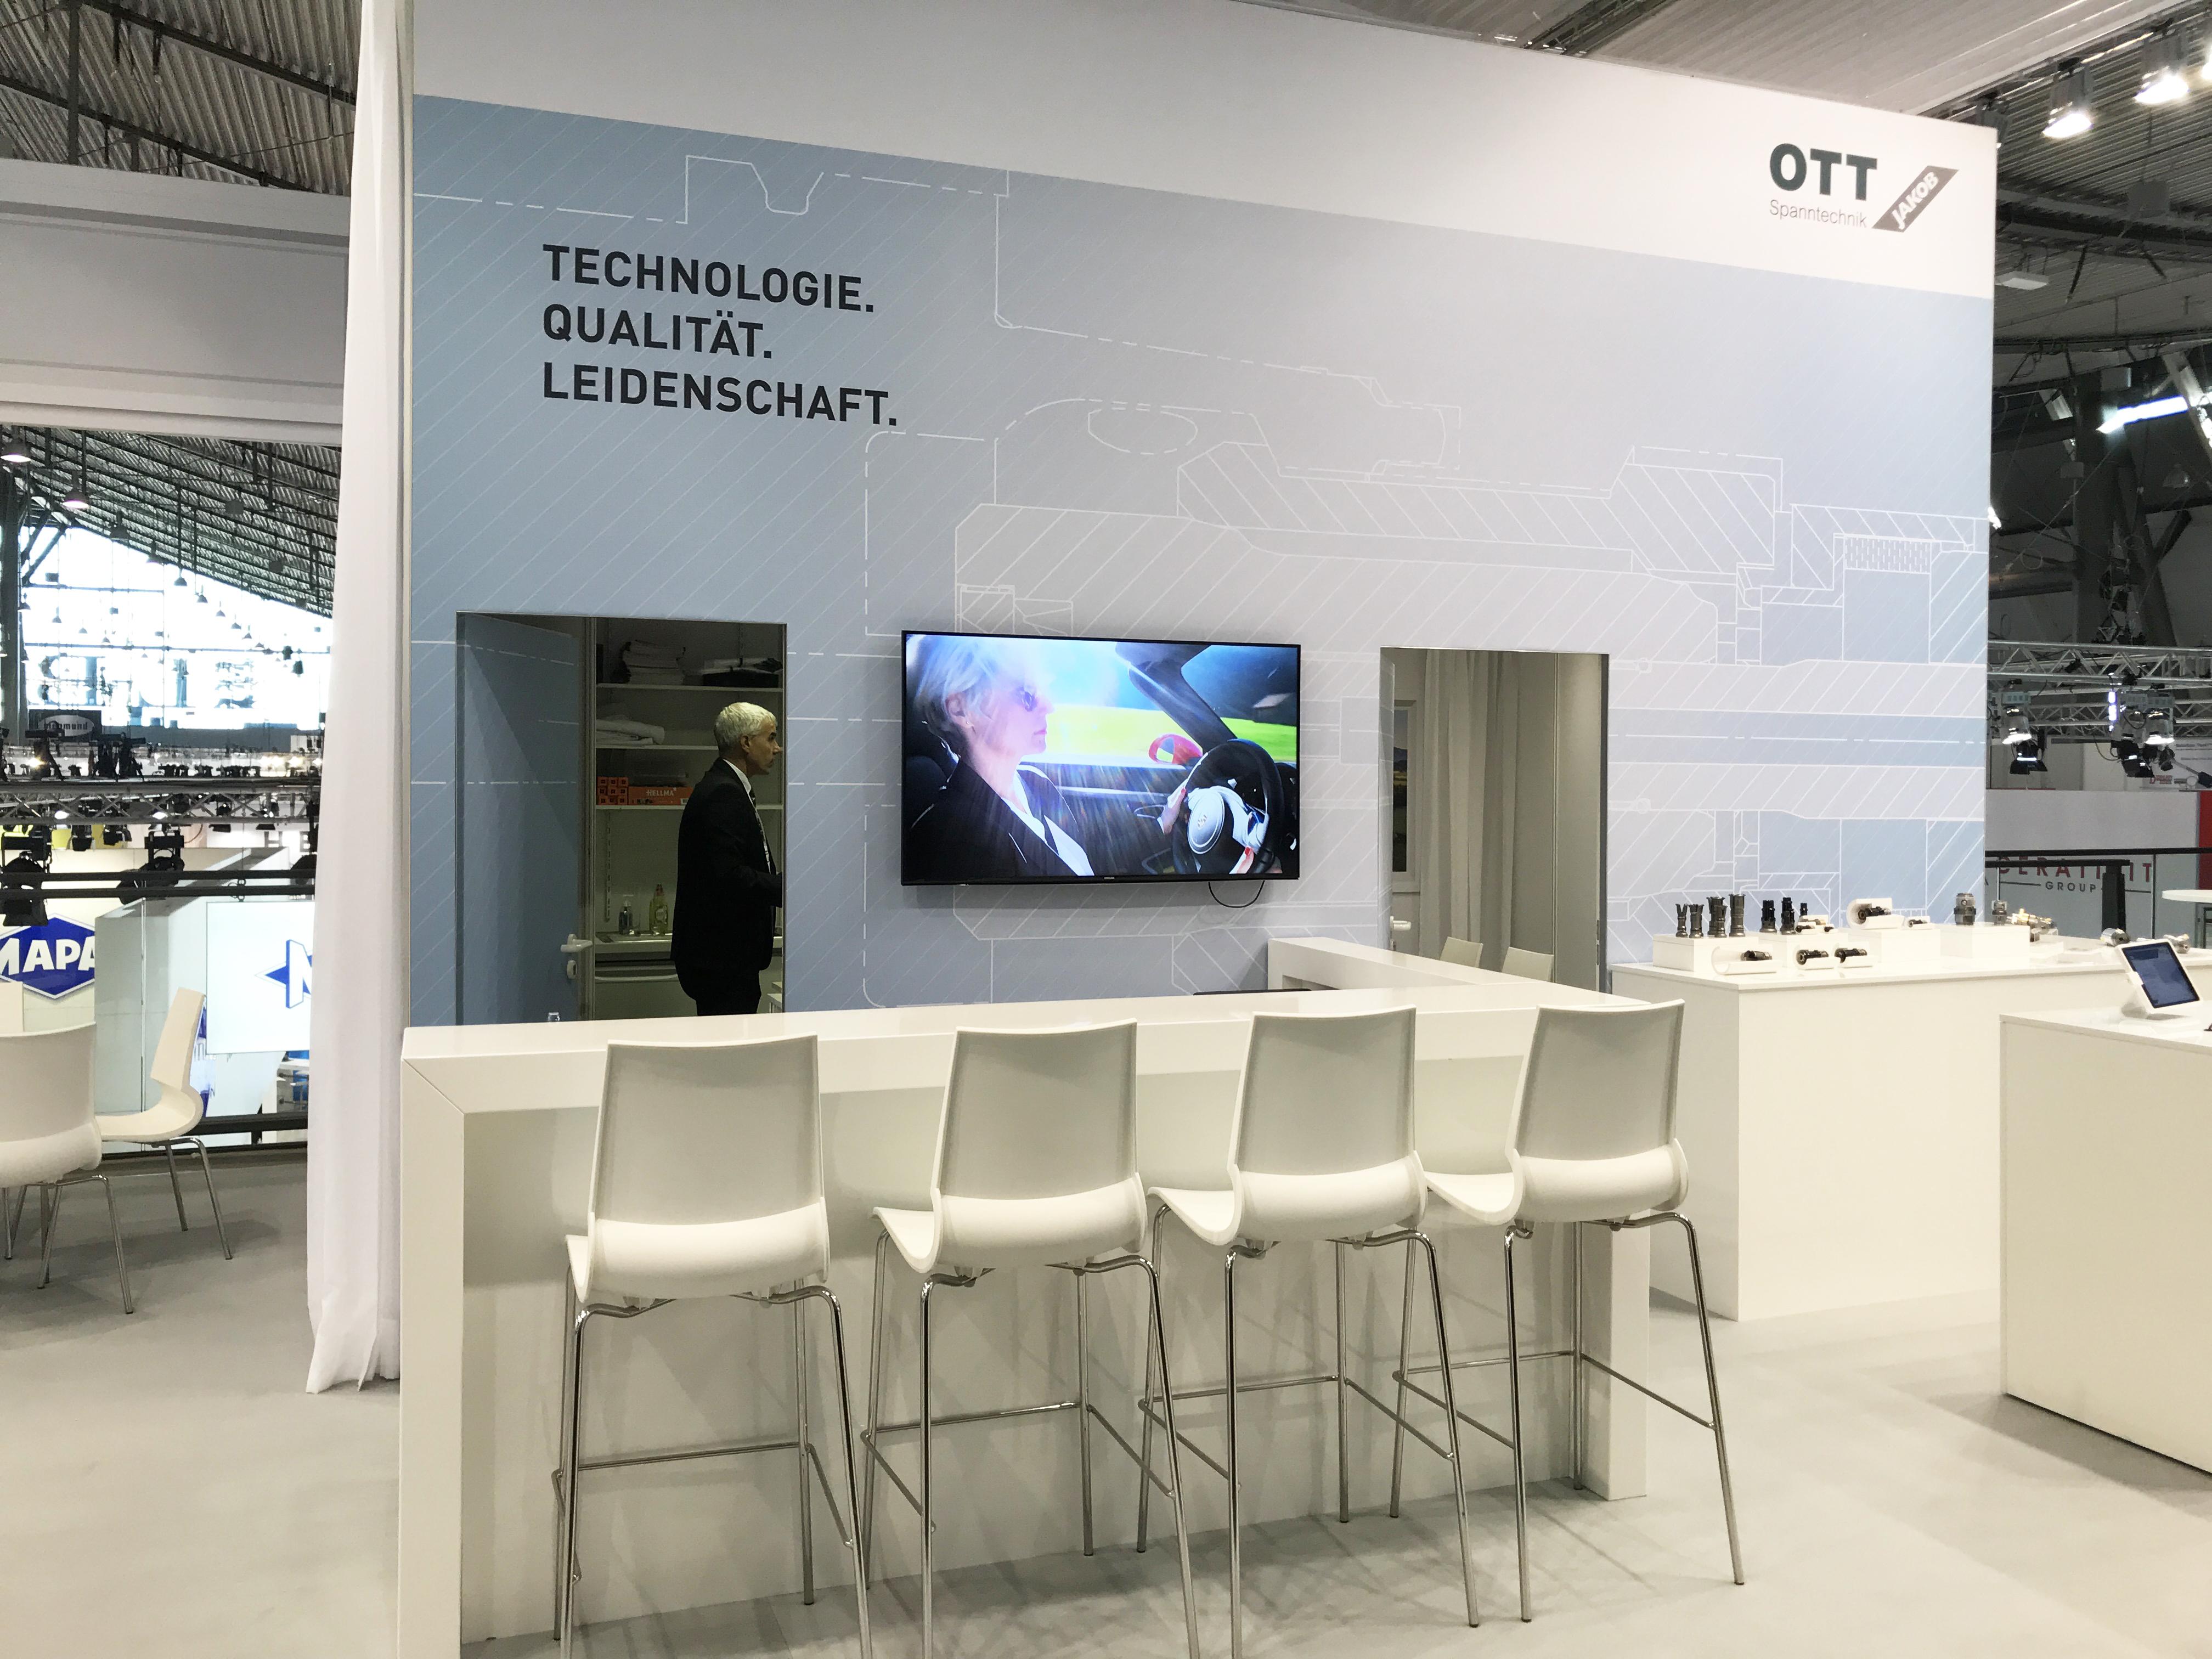 OTT-JAKOB - Unternehmen - Bild - OTT-JAKOB at AMB 2018